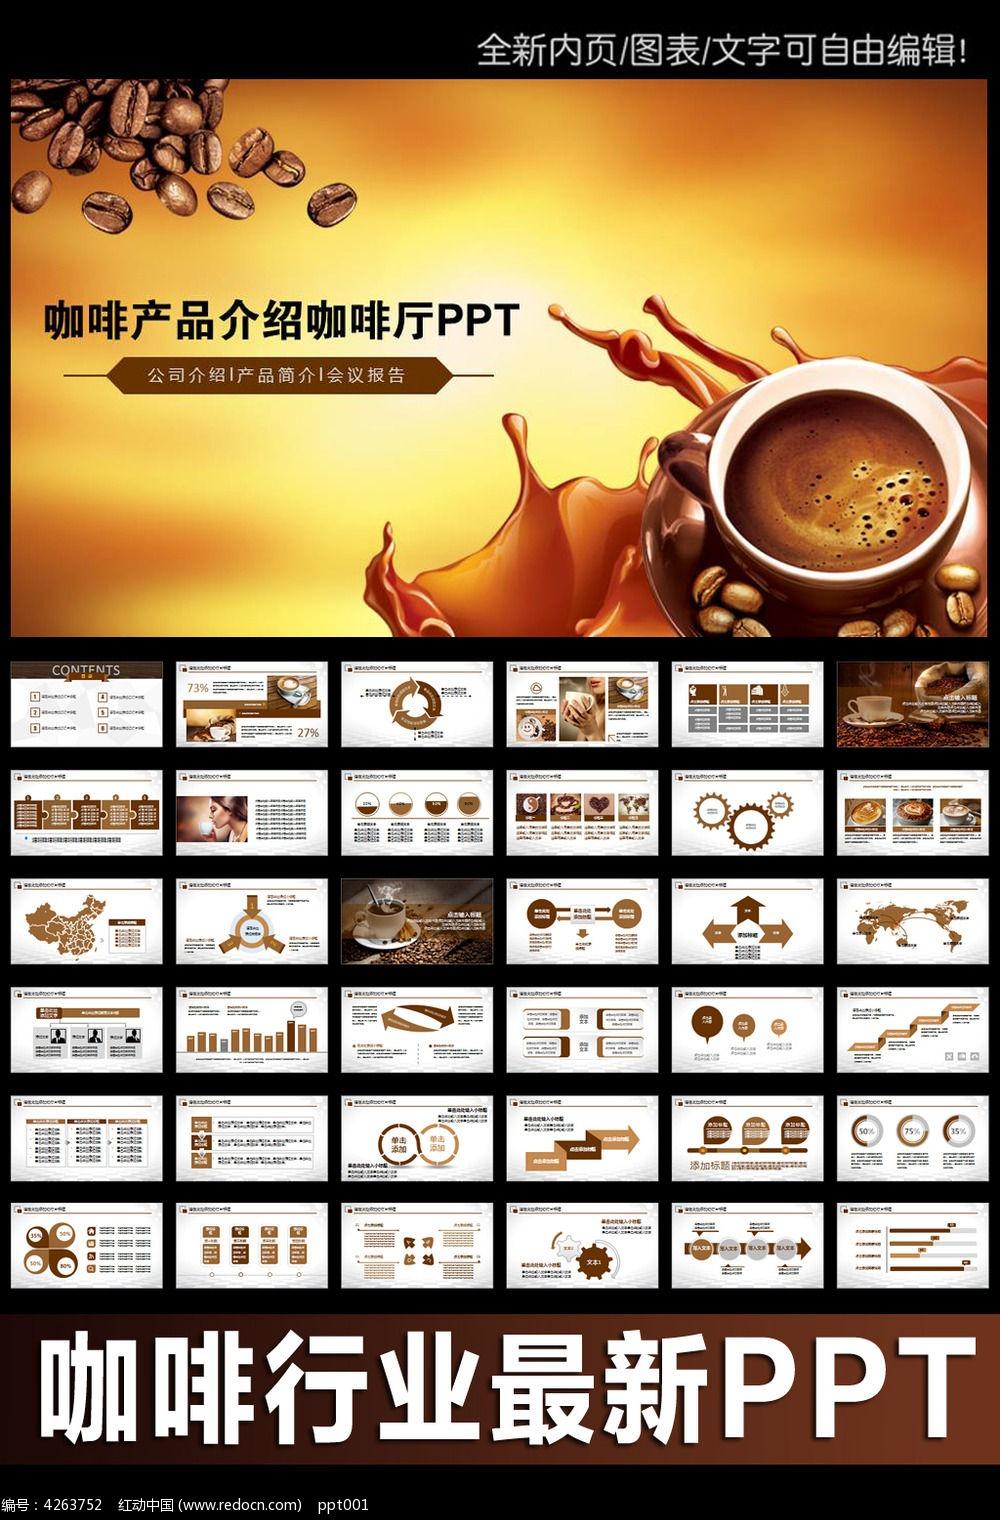 原创设计稿 ppt模板/ppt背景图片 酒店餐饮ppt 咖啡厅设计ppt模板  请